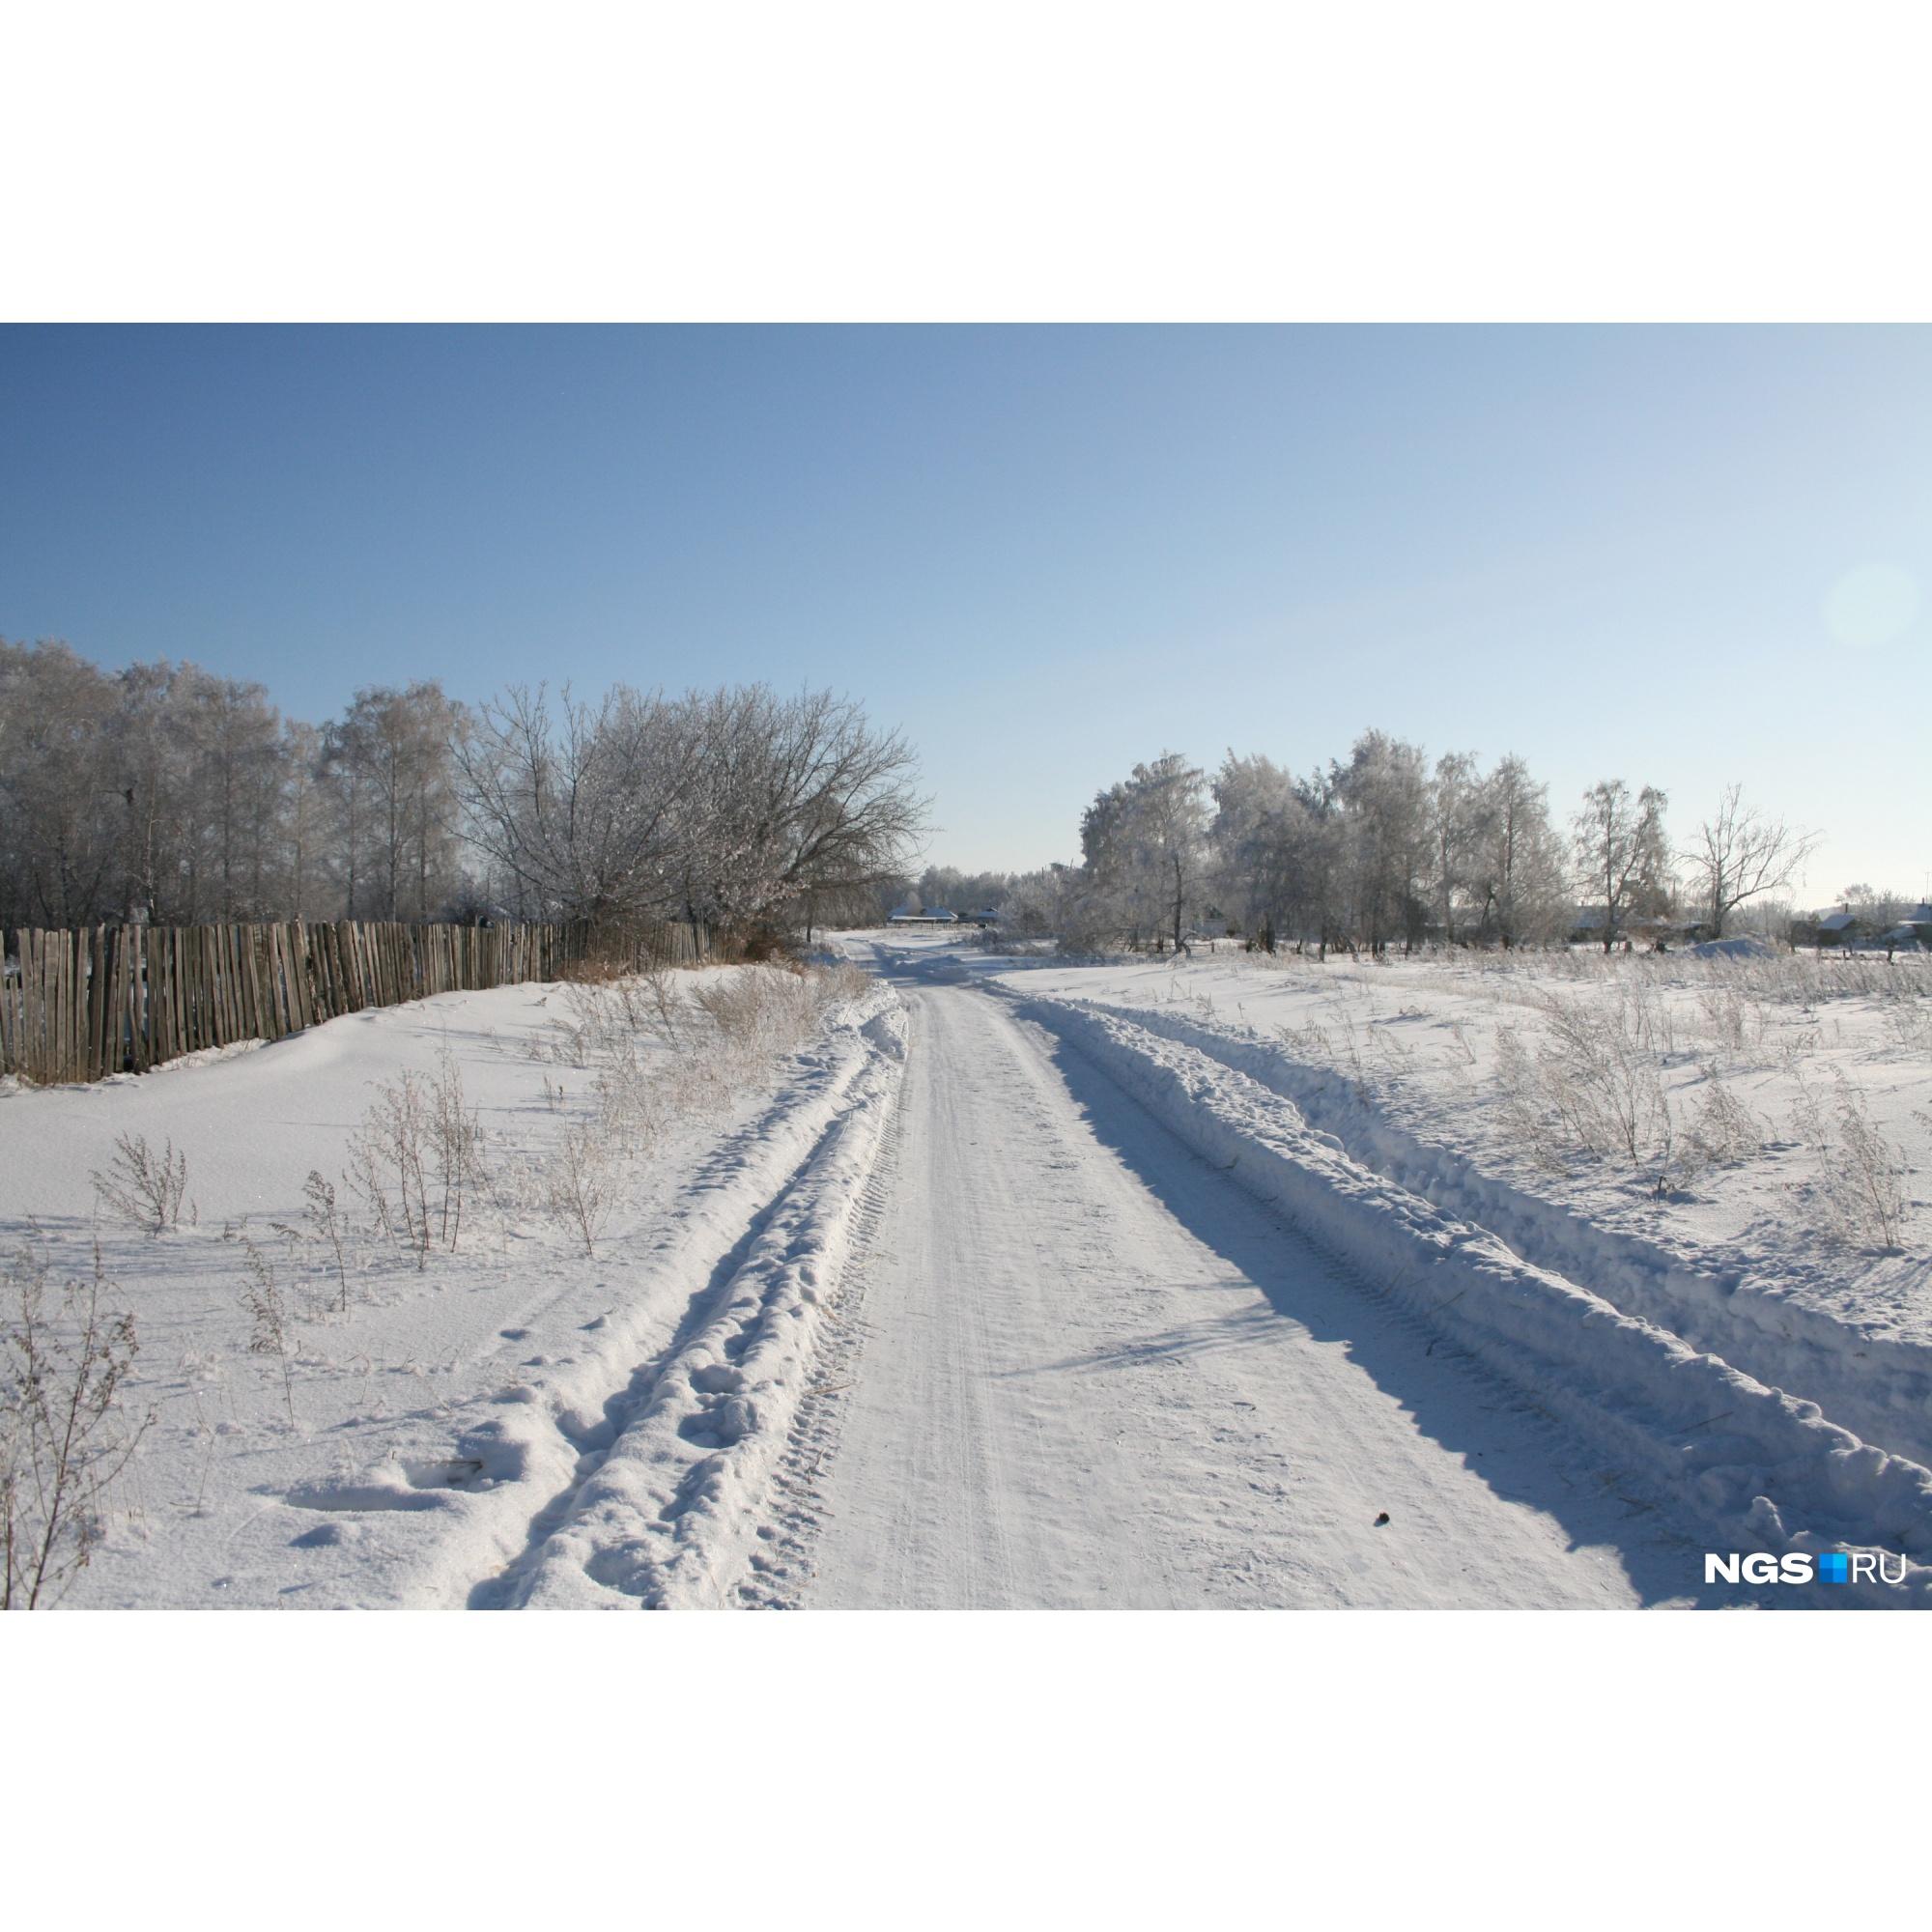 Раньше село Веселовское само было районным центром с большой численностью населения